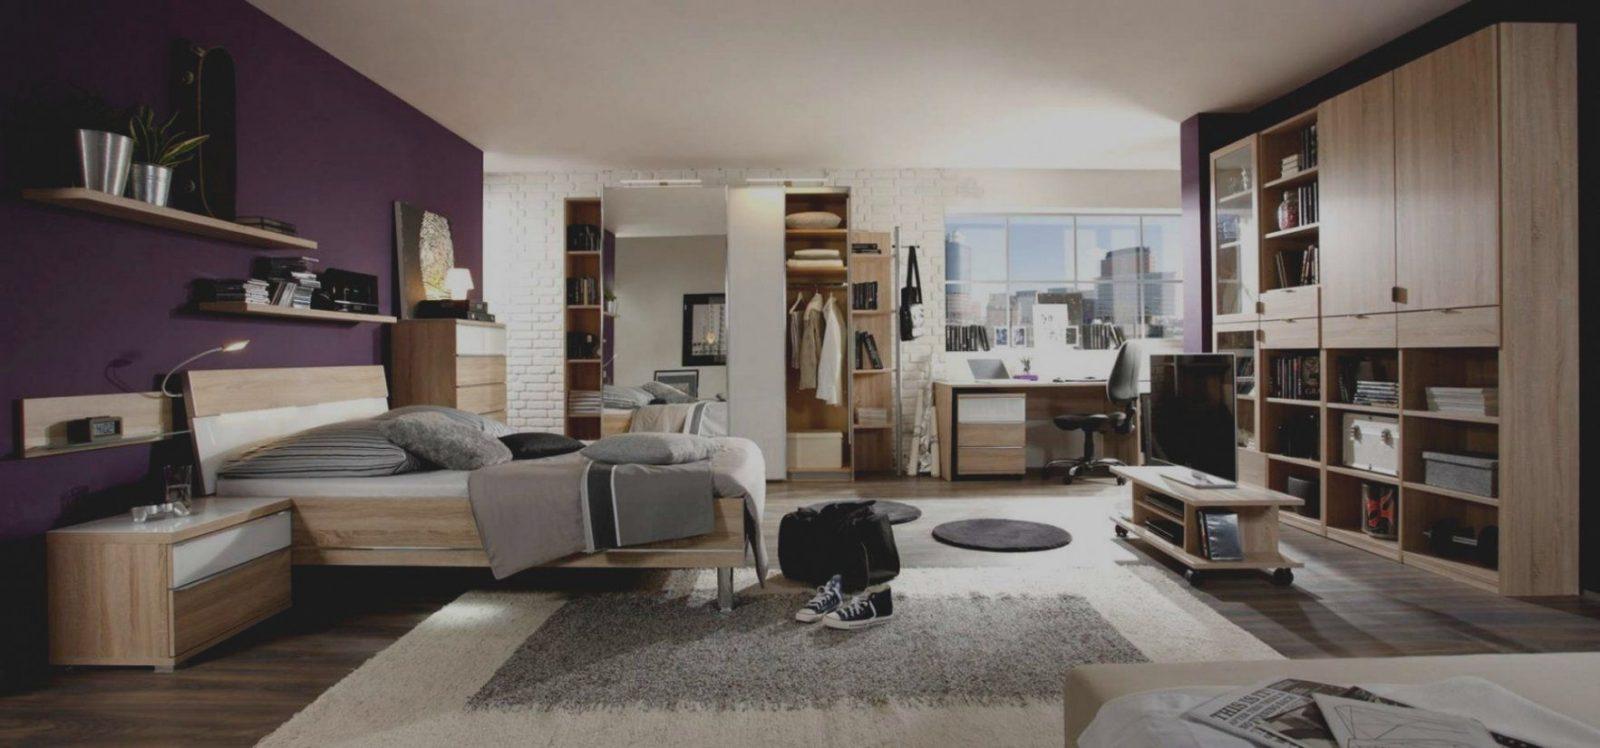 erstaunlich 1 zimmer wohnung einrichten ikea home ideen punkvoter von 1 zimmer wohnung. Black Bedroom Furniture Sets. Home Design Ideas